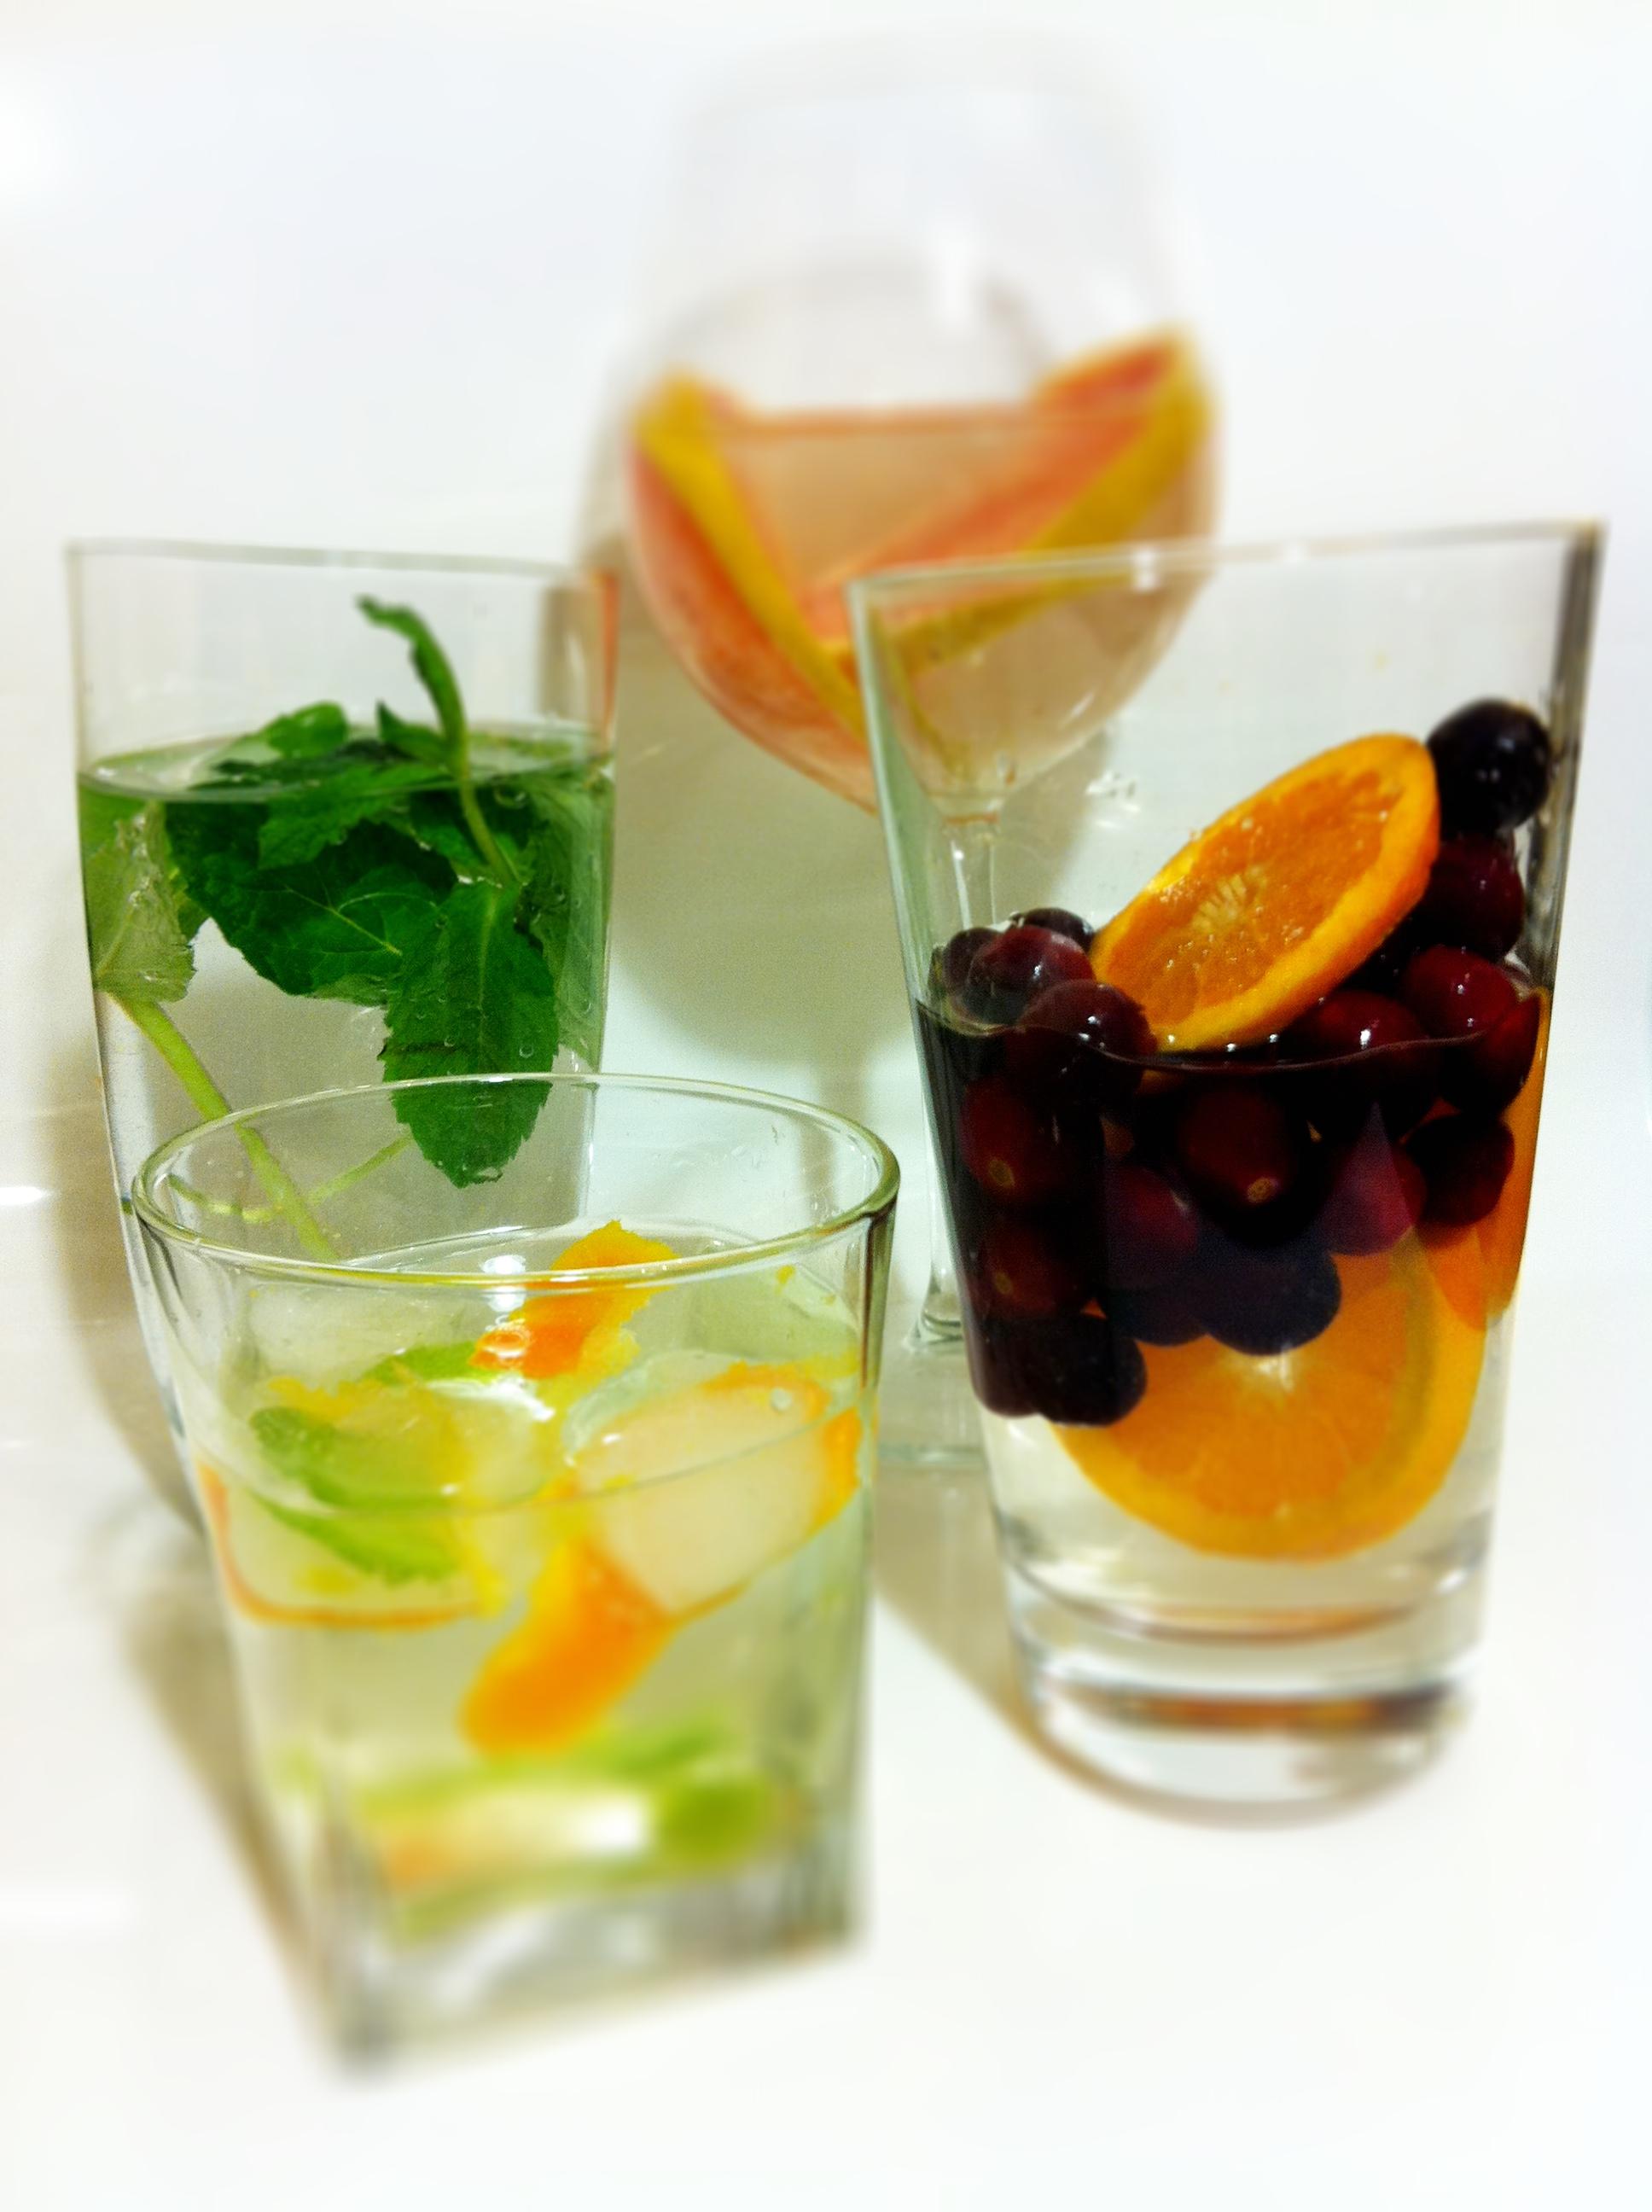 7 Tips to Make Water Taste Better